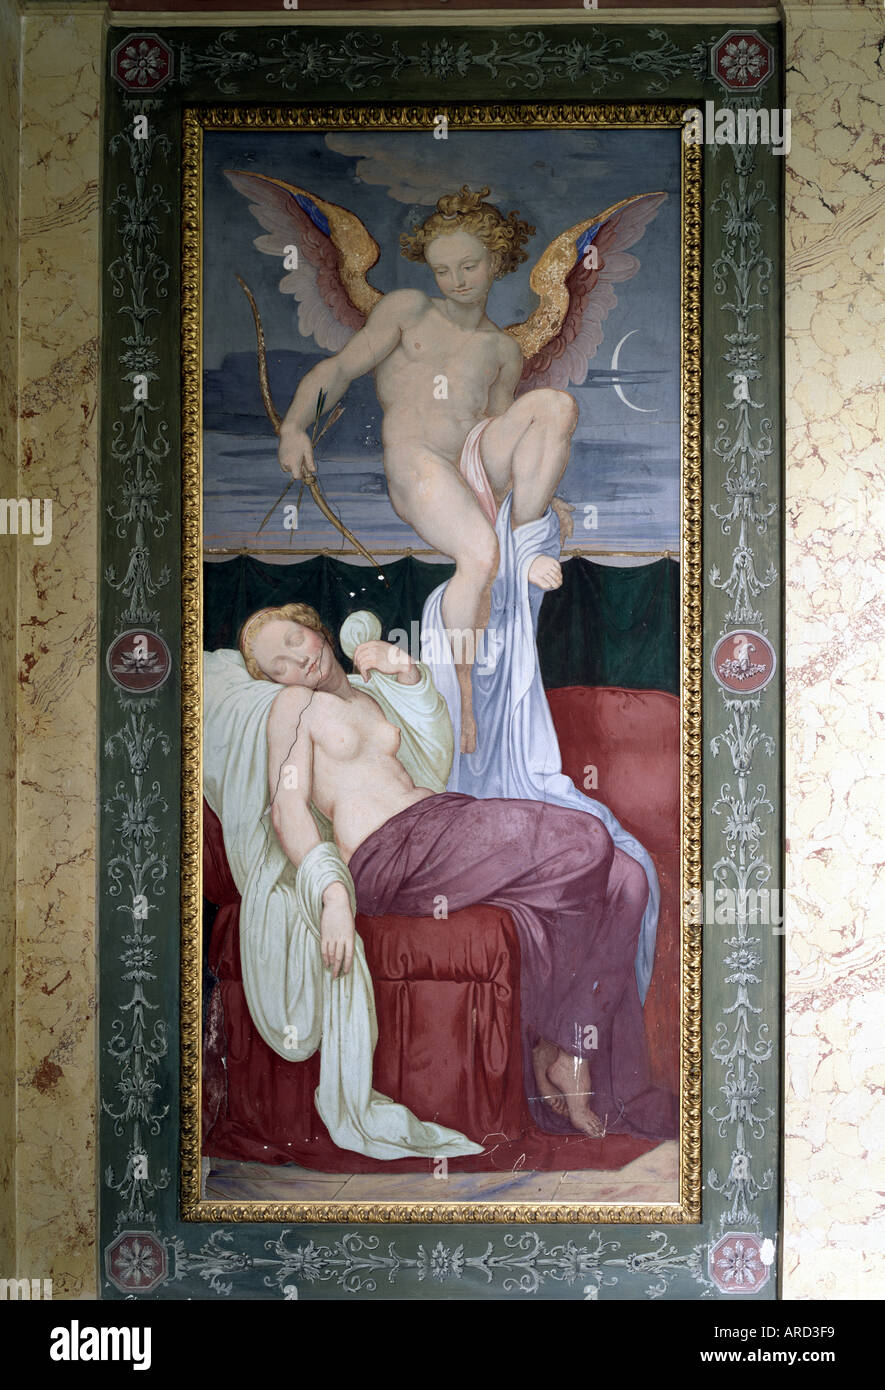 La bei Rüdigsdorf Kohren-Sahlis, Schwindpavillon, Malerei von Schwind (Amor und psique) Imagen De Stock